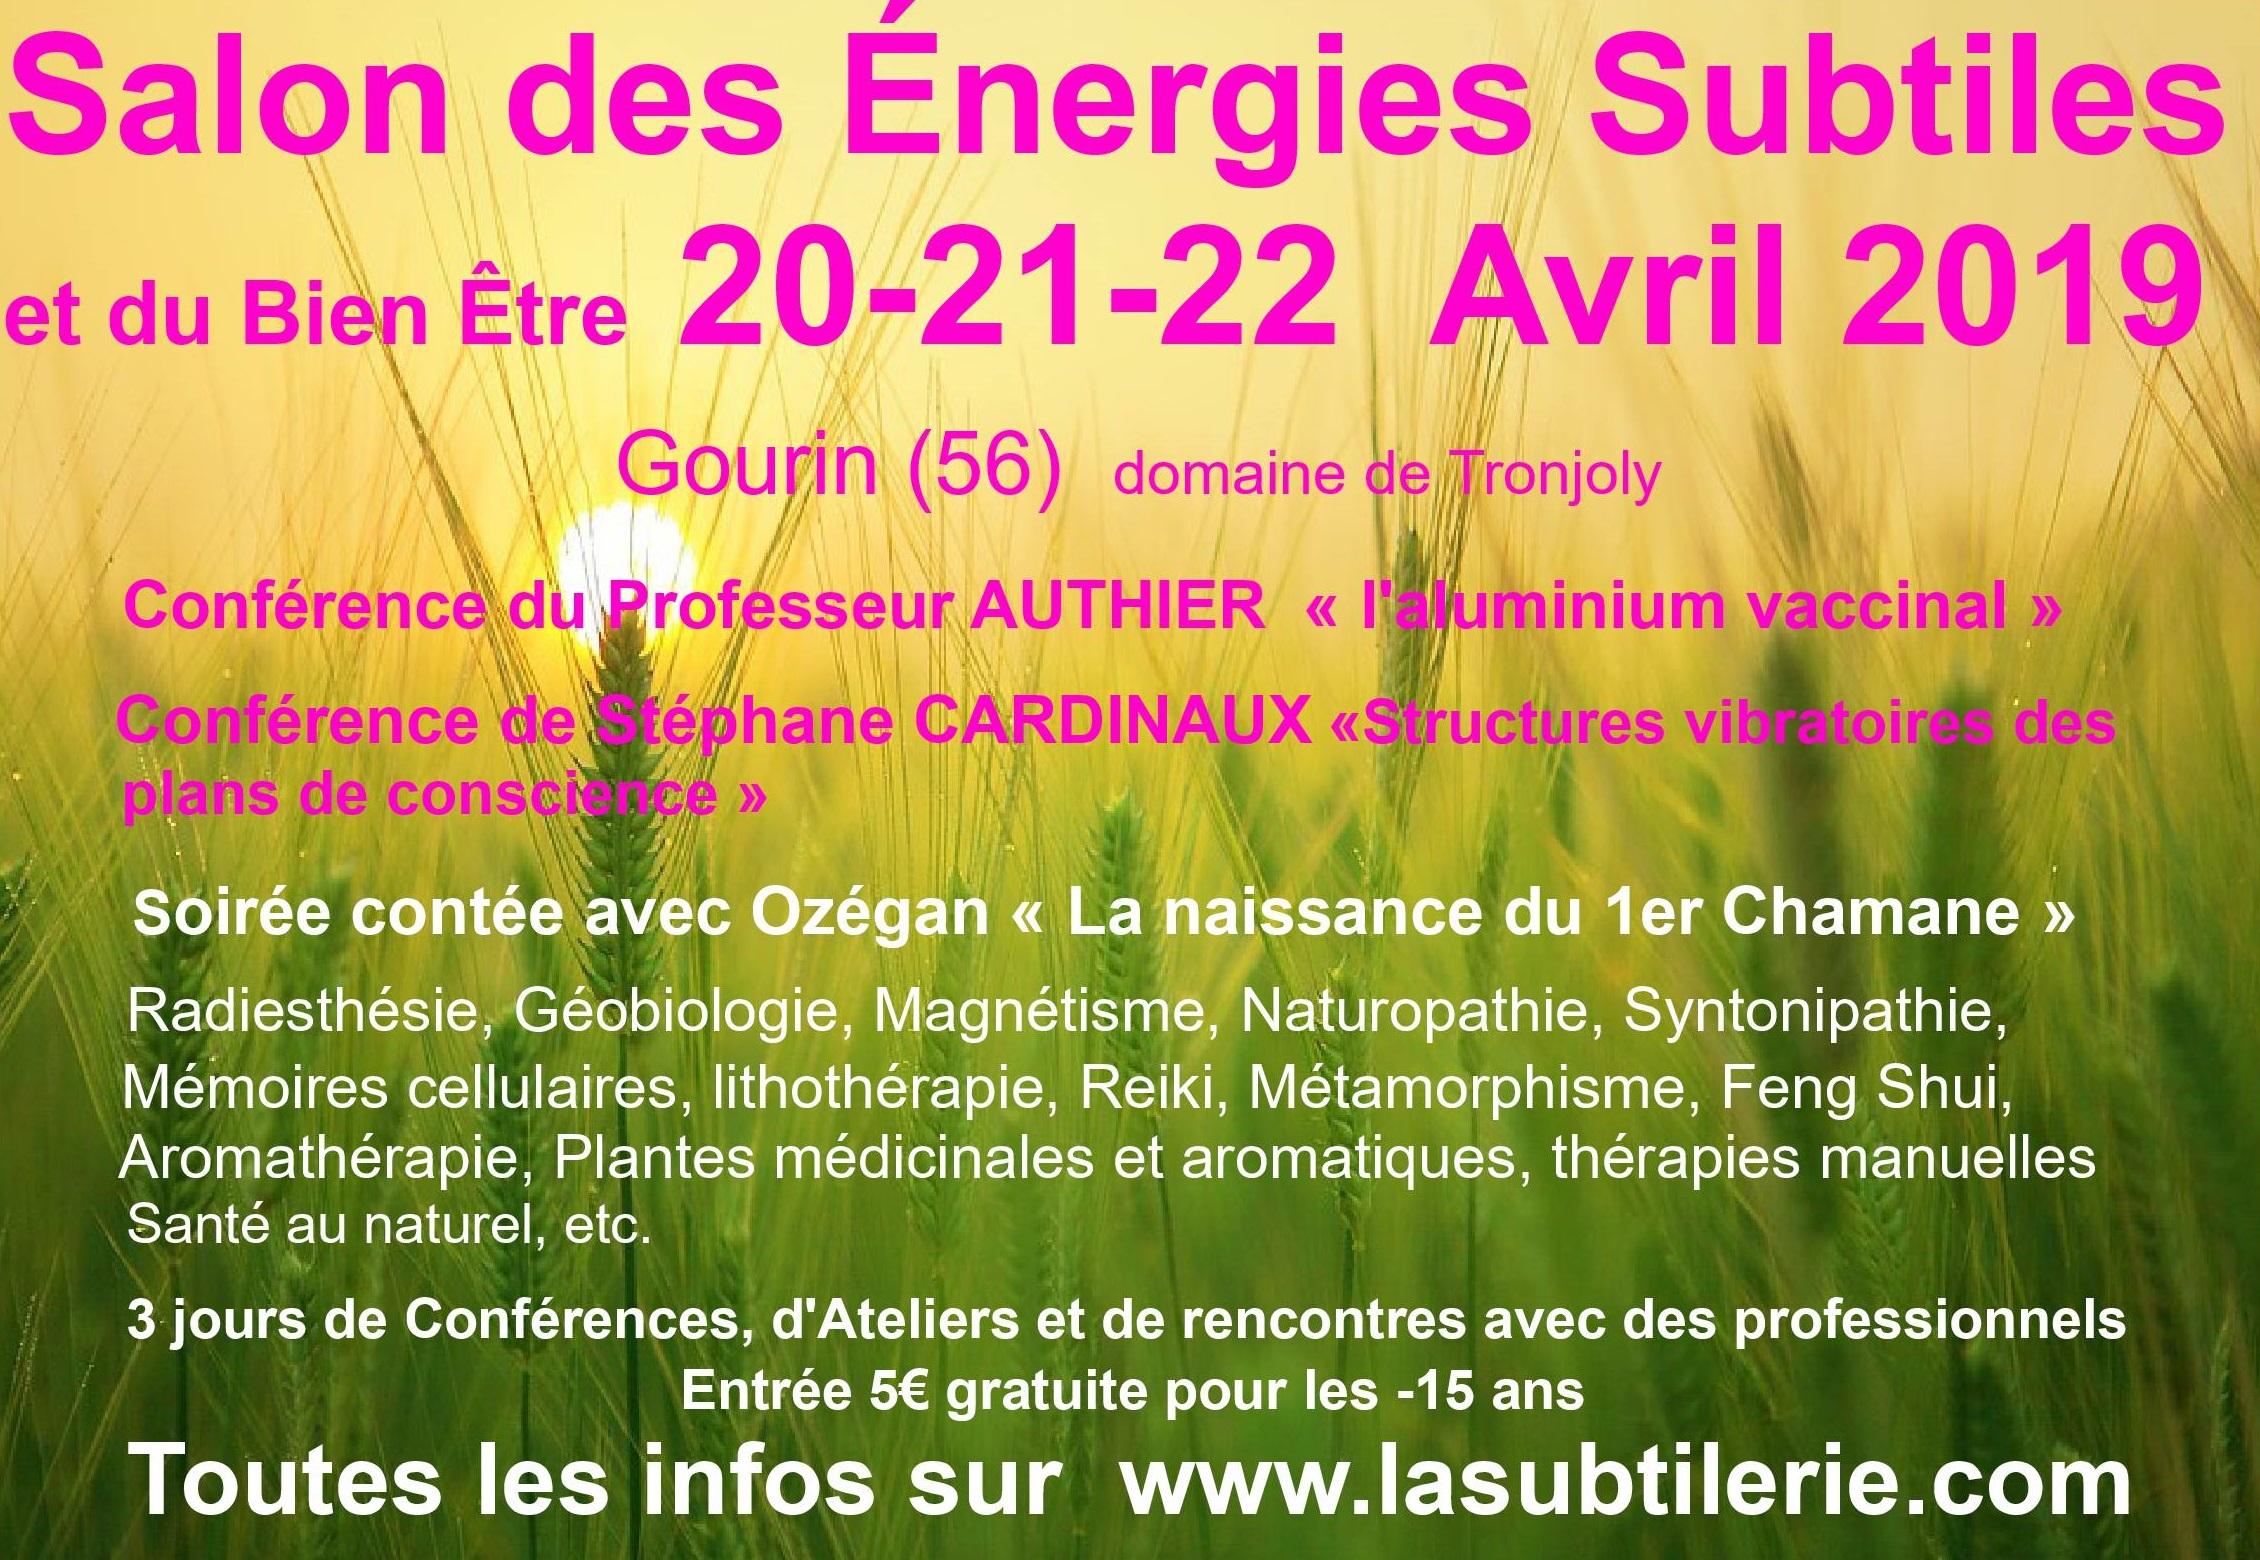 Salon des énergies subtiles et du bien-être édition 2019